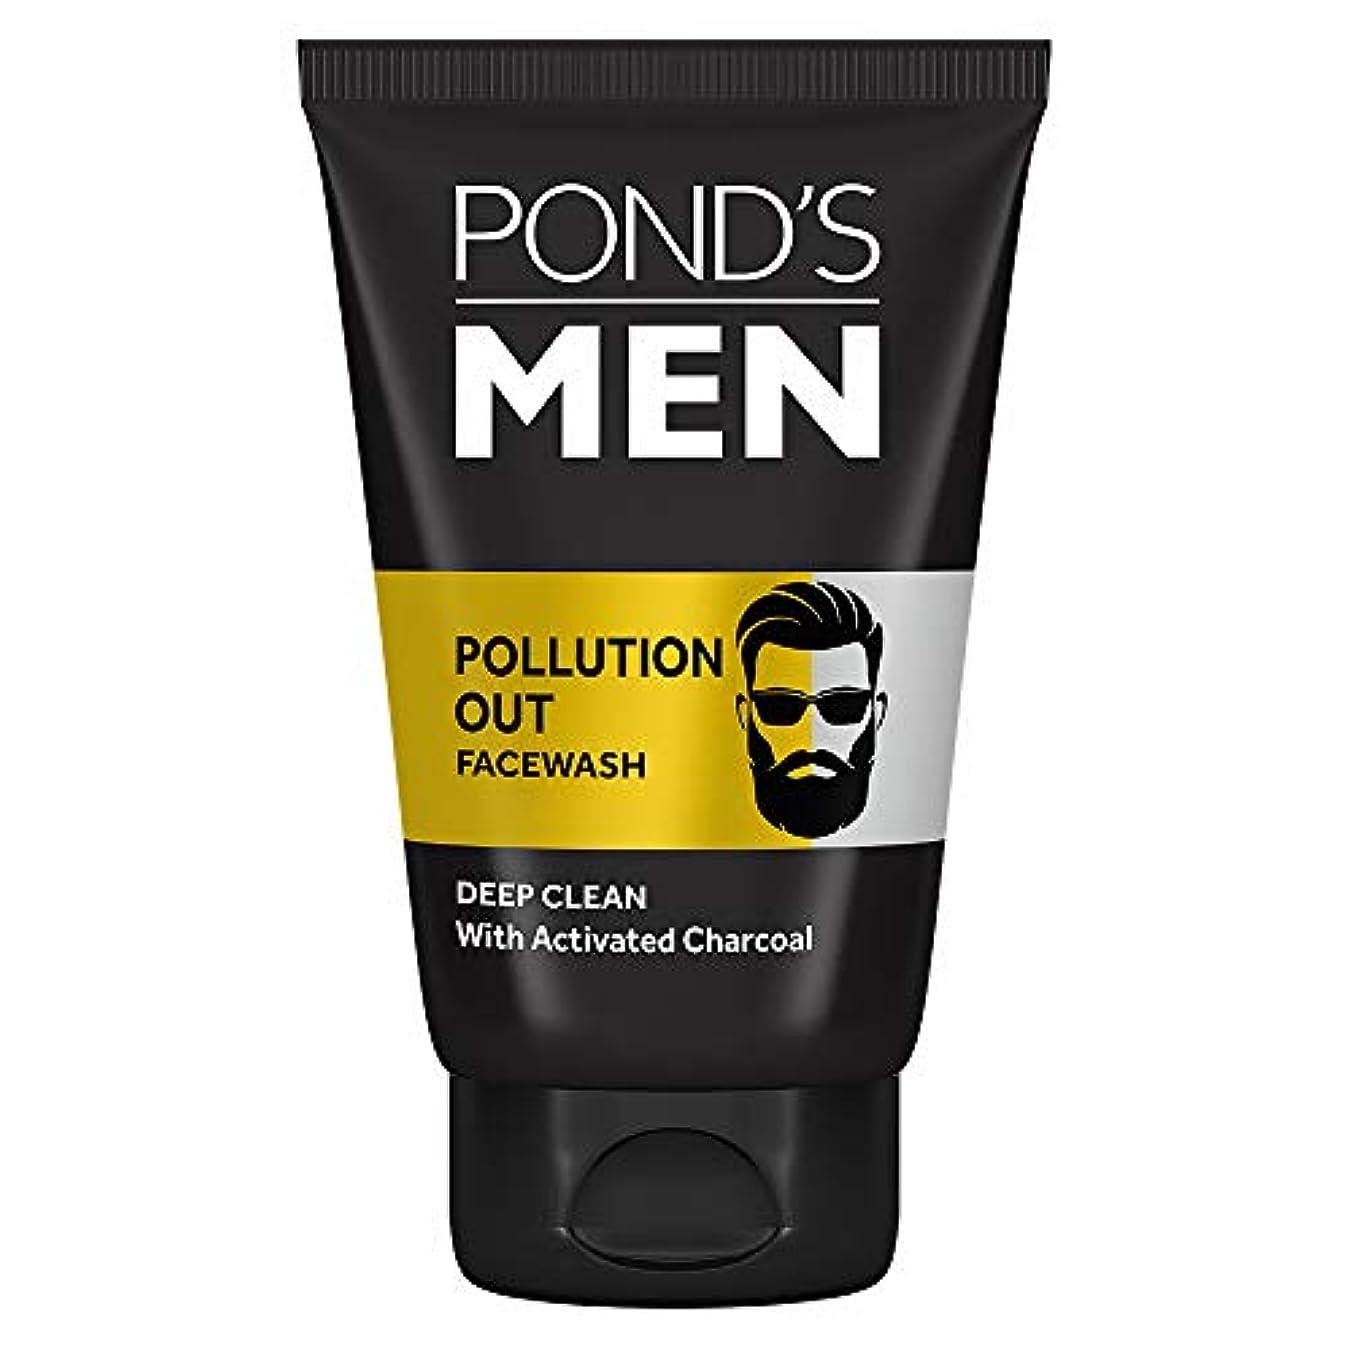 最大の入力徹底的にPond's Men Pollution Out Activated Charcoal Deep Clean Facewash, 50 g